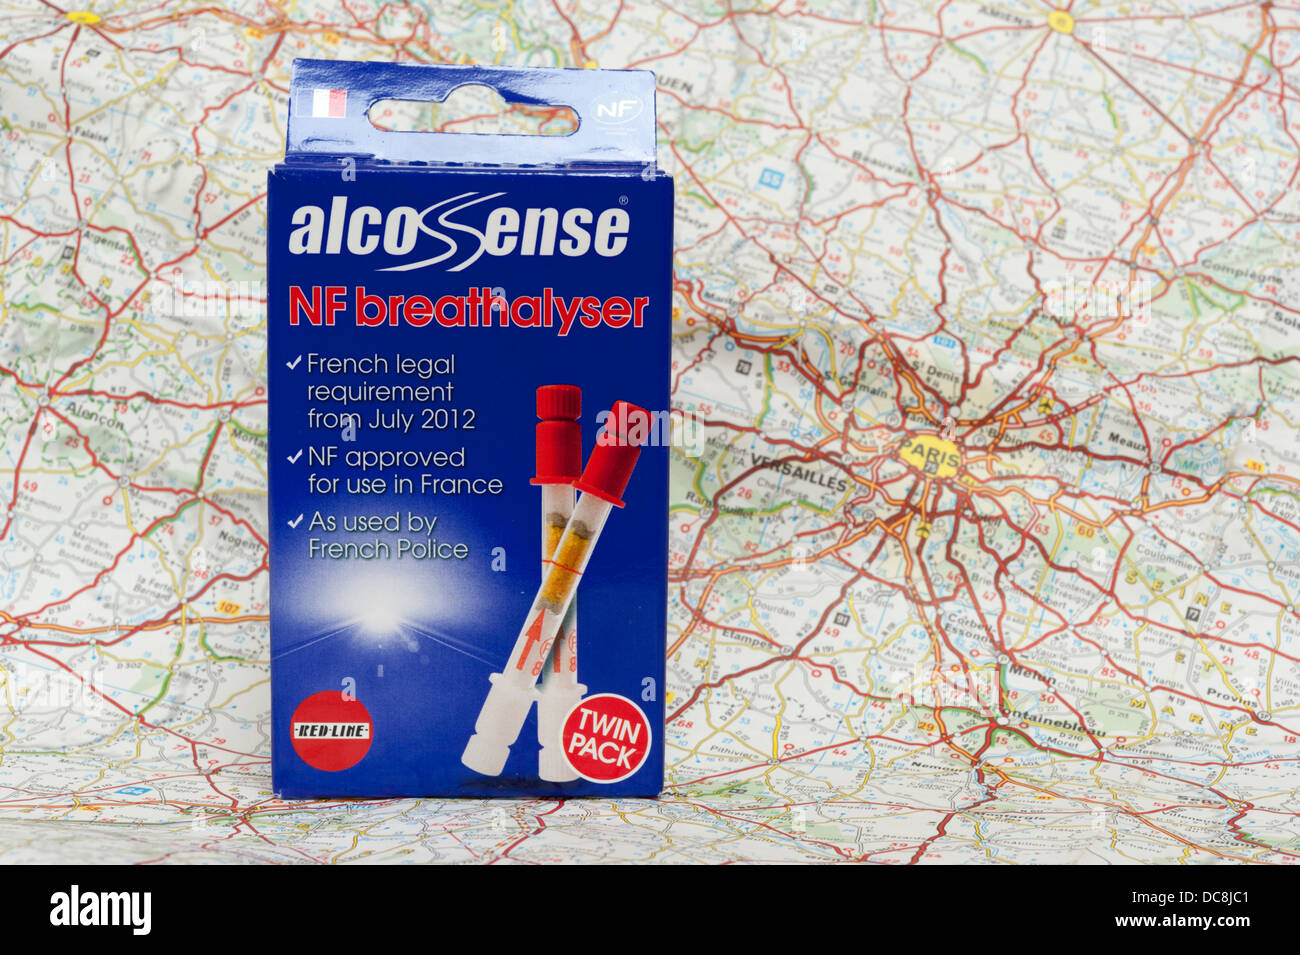 Sens de l'alco alcootest kit sur une carte de France. Photo Stock